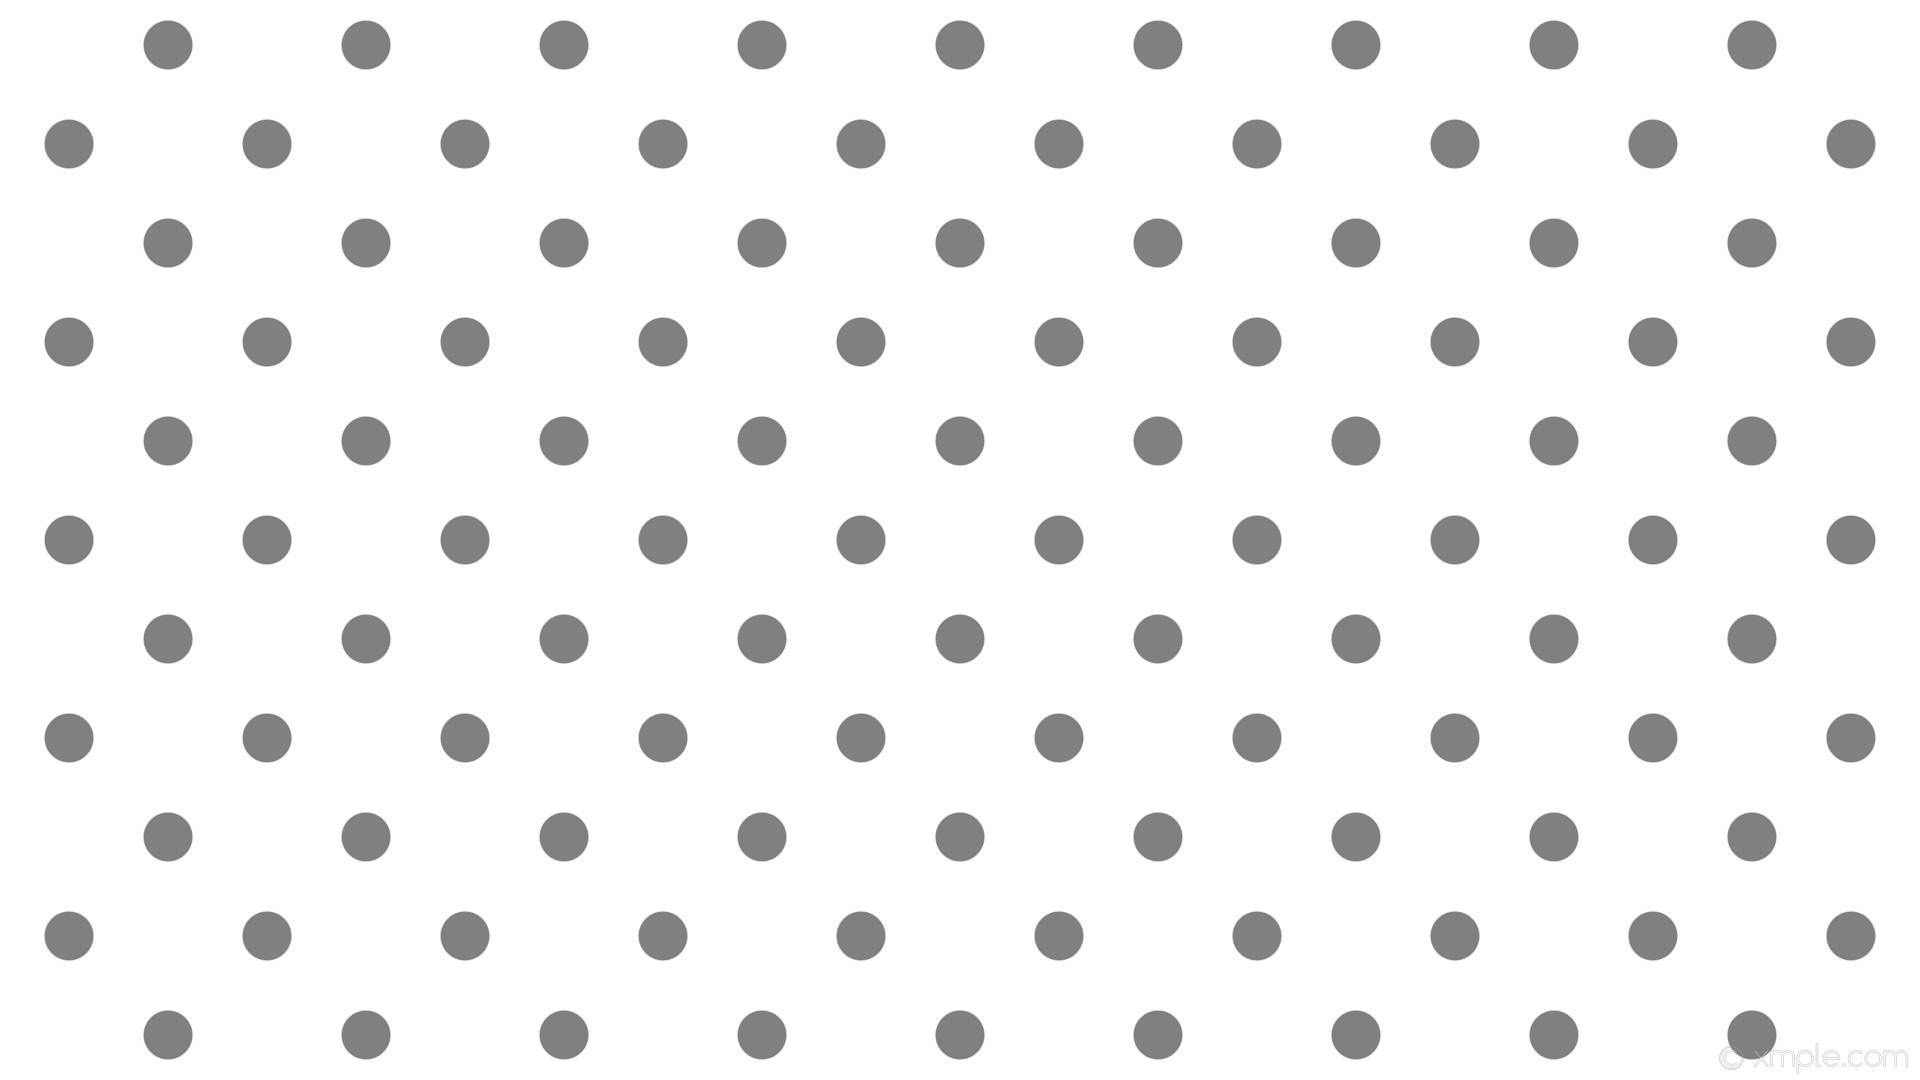 wallpaper white polka dots grey spots gray #ffffff #808080 45° 49px 140px